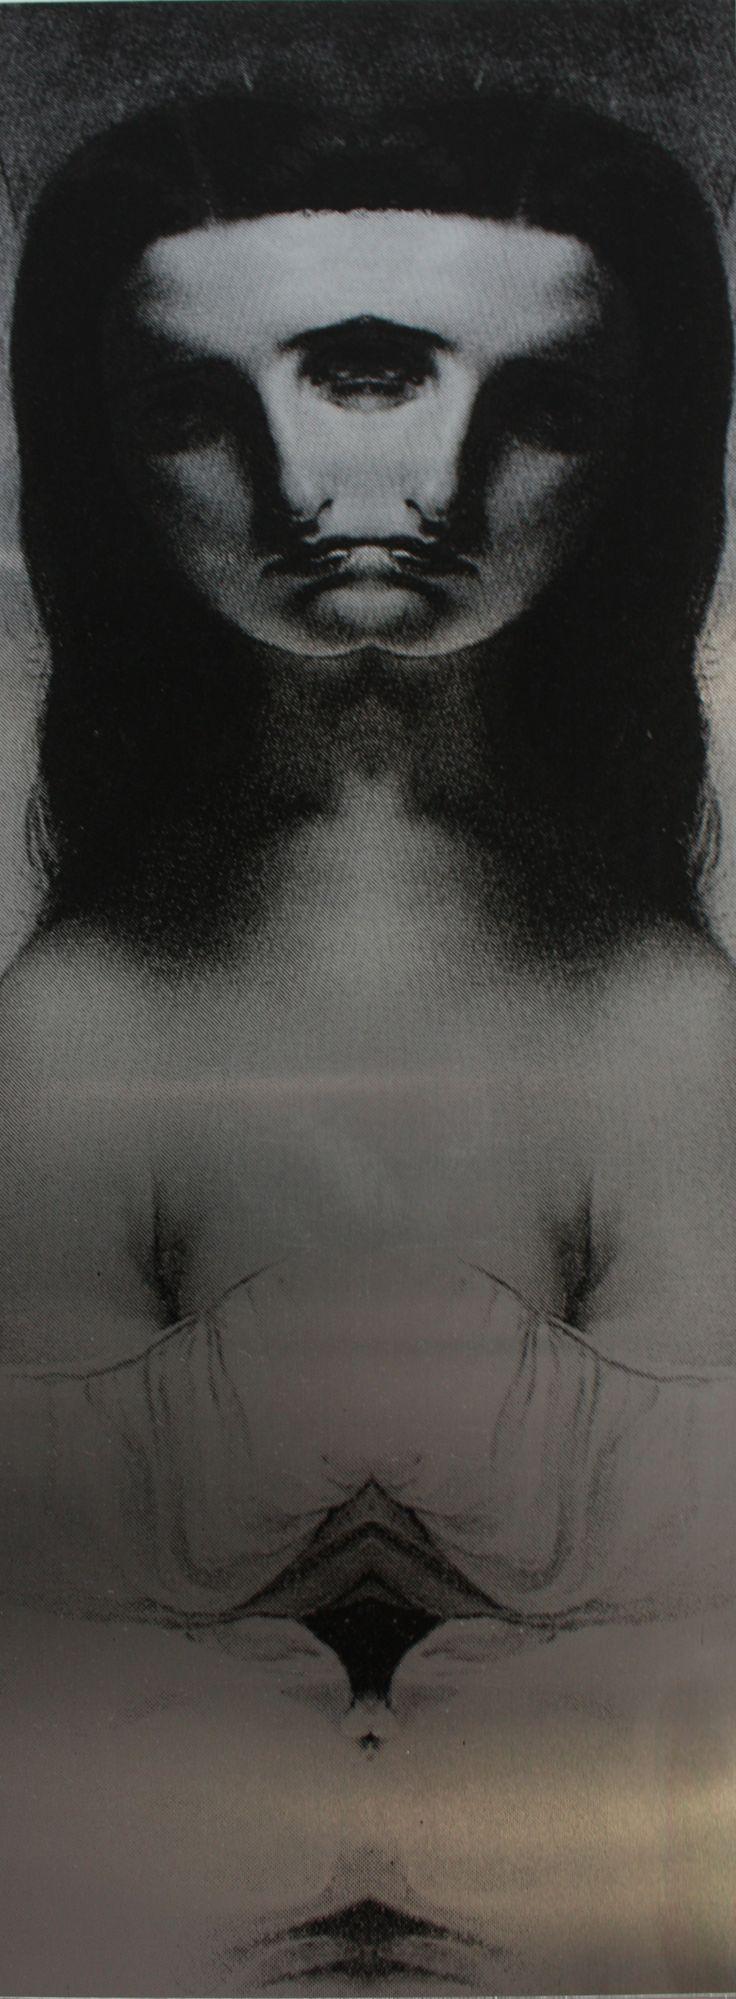 Tarnsformacja / Transformation - Jakub Zdejszy